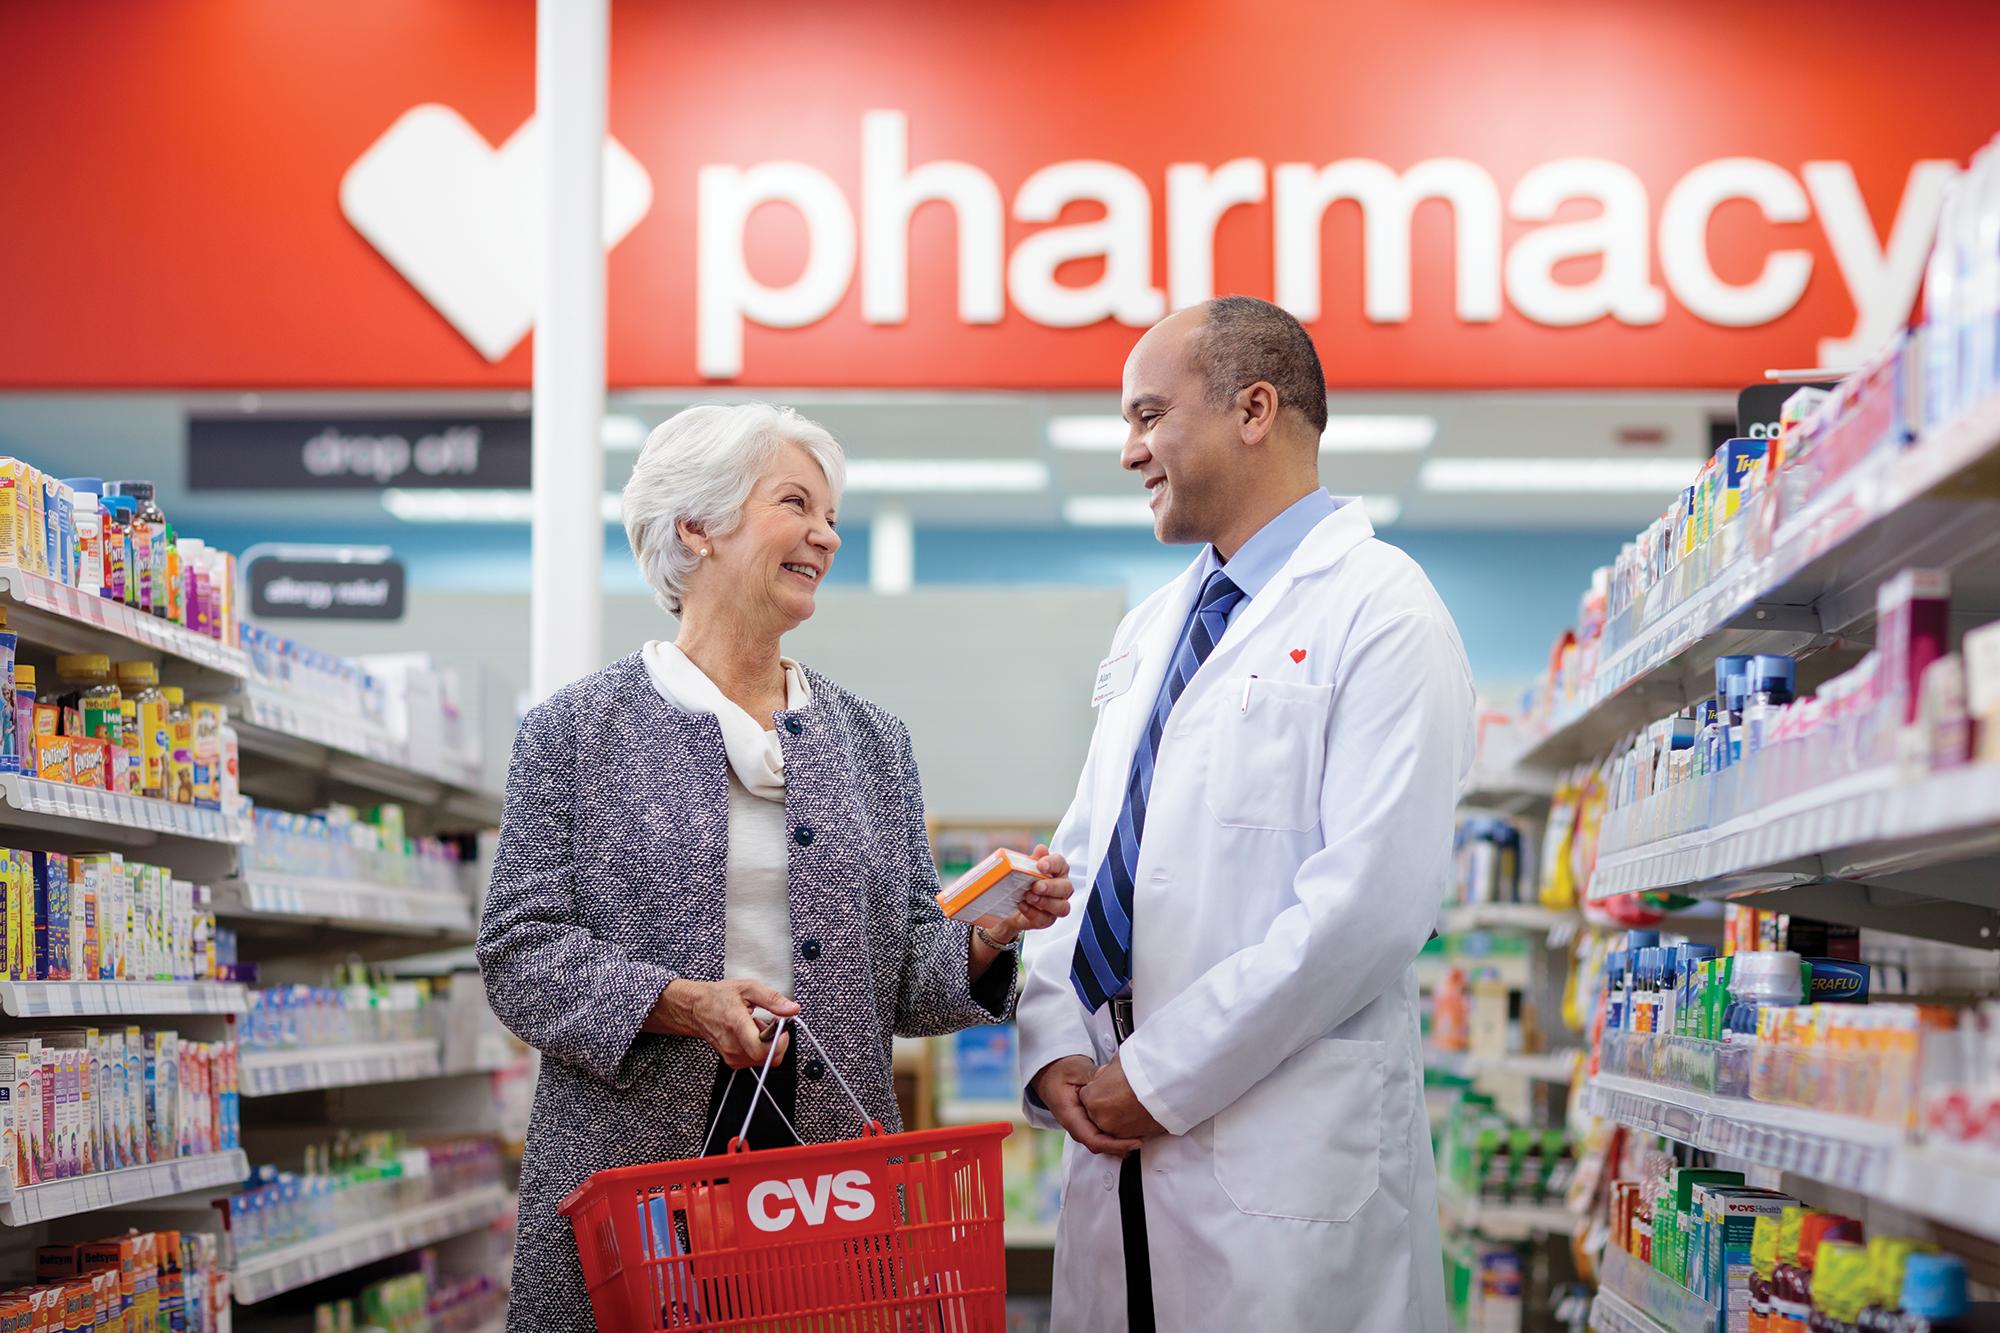 CVS pharmacist talking to elderly female customer in aisle